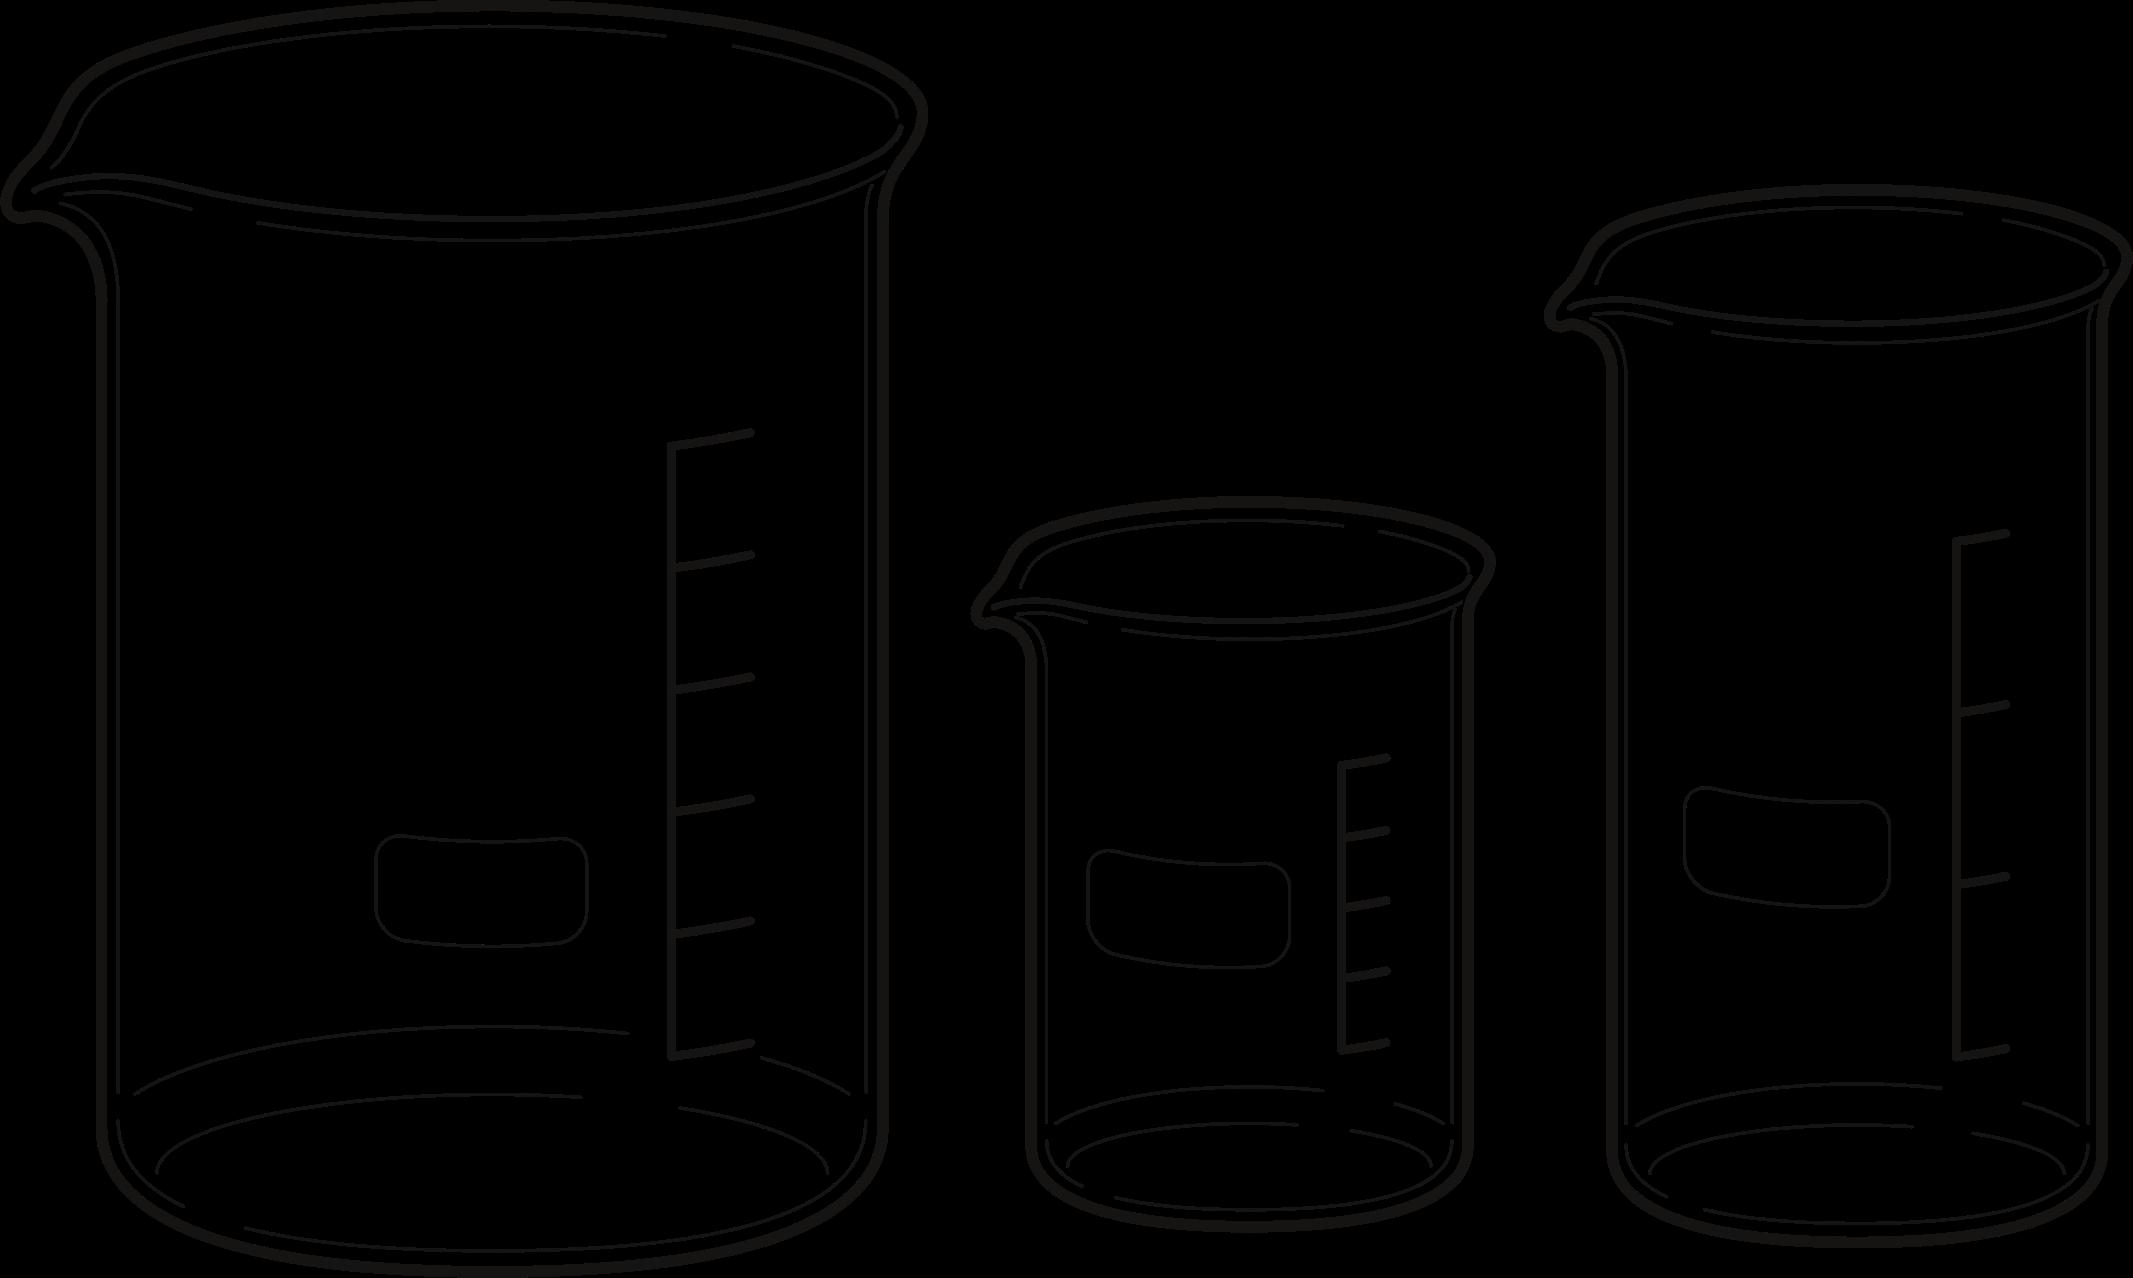 Beaker clipart 250 ml. Beakers big image png